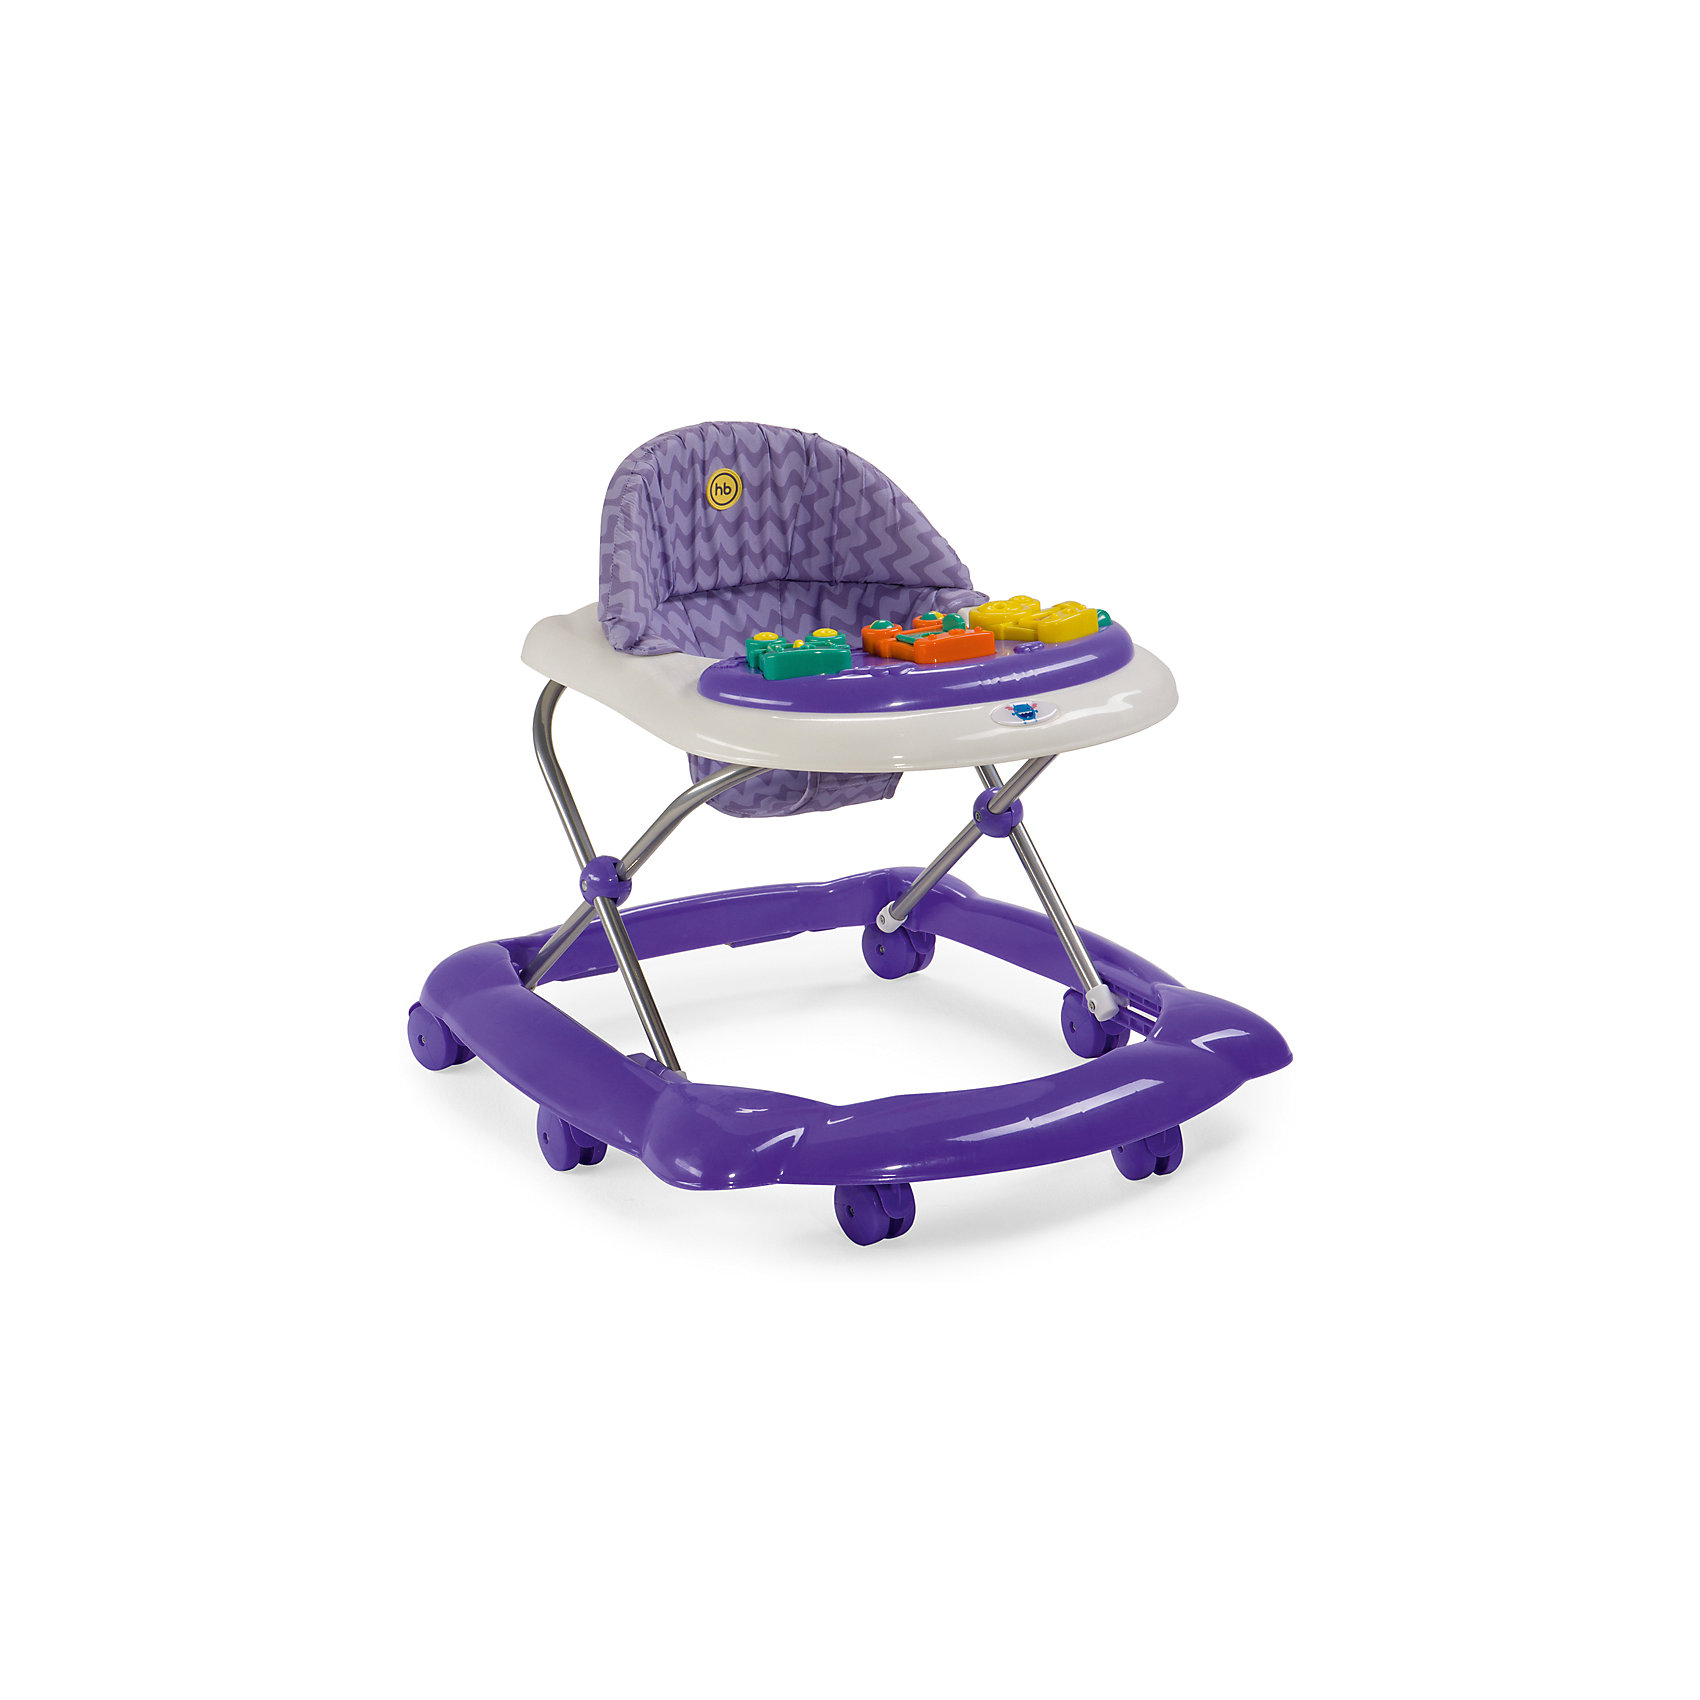 Ходунки Pioneer, Happy baby, фиолетовыйСтильные Ходунки Pioneer, Happy baby  помогут Вашему  малышу,  научится ходить,  а в дальнейшем  свободно передвигаться по дому! Лёгкие и маневренные ходунки привьют Вашему ребенку навыки ходьбы; научат держать вертикальное положение и  соблюдать равновесие, укрепят мышцы ног и спины. Цветная панель с разнообразными игрушками обязательно привлечет внимание крохи и займет его на некоторое время, а Вы сможете немного передохнуть или заняться делами, наблюдая, как Ваш ребенок играет. Для обеспечения работы игровой панели требуется 2 батареек типа АА.  Шесть силиконовых колес не поцарапают напольное покрытие, а две кнопки стопора позволяют контролировать передвижение ребенка. Высота пластикового  сидения регулируется и фиксируется в одном из трех положений в зависимости от роста ребенка. Съемный чехол сидения легко поддается чистке.<br><br>Дополнительная информация: <br><br>   - габариты в сложенном виде дхшхв: 67*58*30 см<br>    - габариты в разложенном виде дхшхв: 67*58*57 см<br>    - развивают координацию движений<br>    - учат ребенка держать равновесие<br>    - регулируются по высоте: 3 положения<br>    - пластиковые колеса: 6 шт.<br>    - стопоры-ограничители движения ходунка: 2 шт.<br>    - игровая панель со звуковыми и световыми эффектами: 3 мелодии<br>    - развивающие игрушки<br>    - для работы игровой панели необходимо 2 батарейки типа АА<br><br>Ходунки Pioneer торговой марки  Happy baby  можно купить в нашем интернет-магазине.<br><br>Ширина мм: 150<br>Глубина мм: 600<br>Высота мм: 660<br>Вес г: 2600<br>Возраст от месяцев: 7<br>Возраст до месяцев: 18<br>Пол: Унисекс<br>Возраст: Детский<br>SKU: 4878590